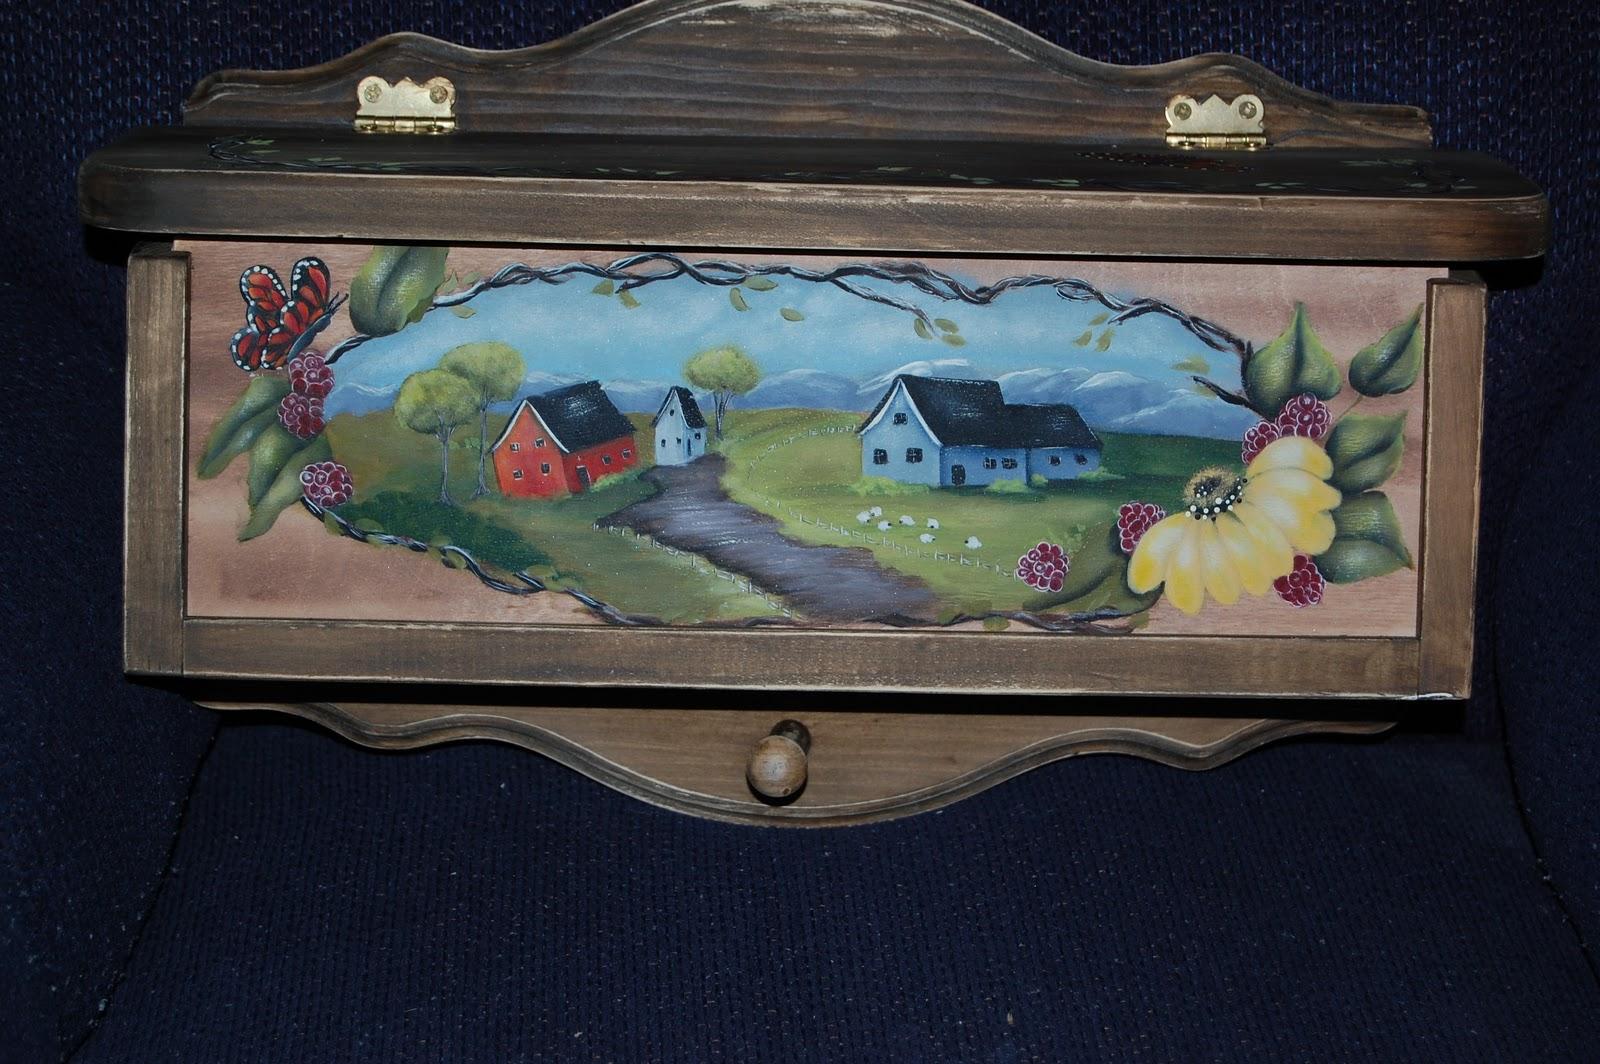 les bidouilles blog de peinture d corative la belle bo te aux lettres. Black Bedroom Furniture Sets. Home Design Ideas